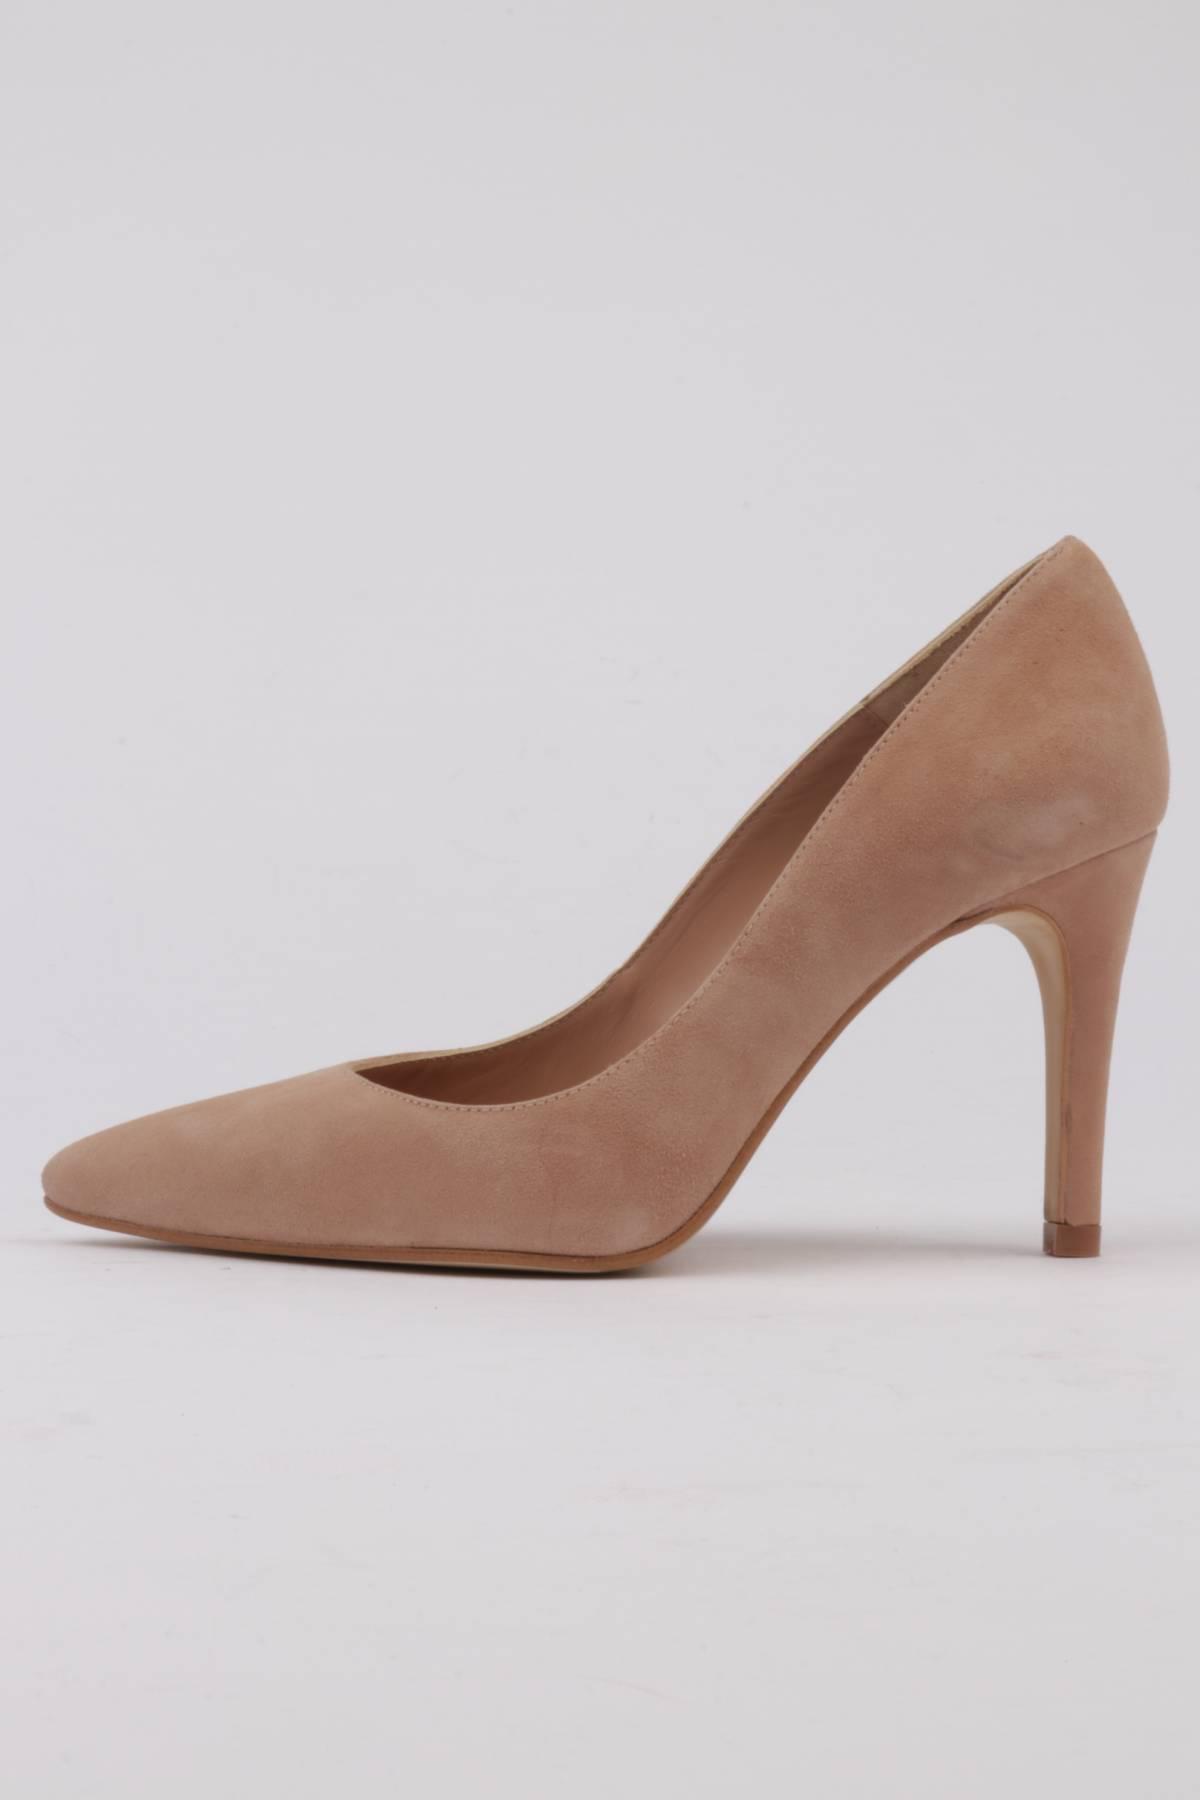 Shoes suede nude suit 9 cm.